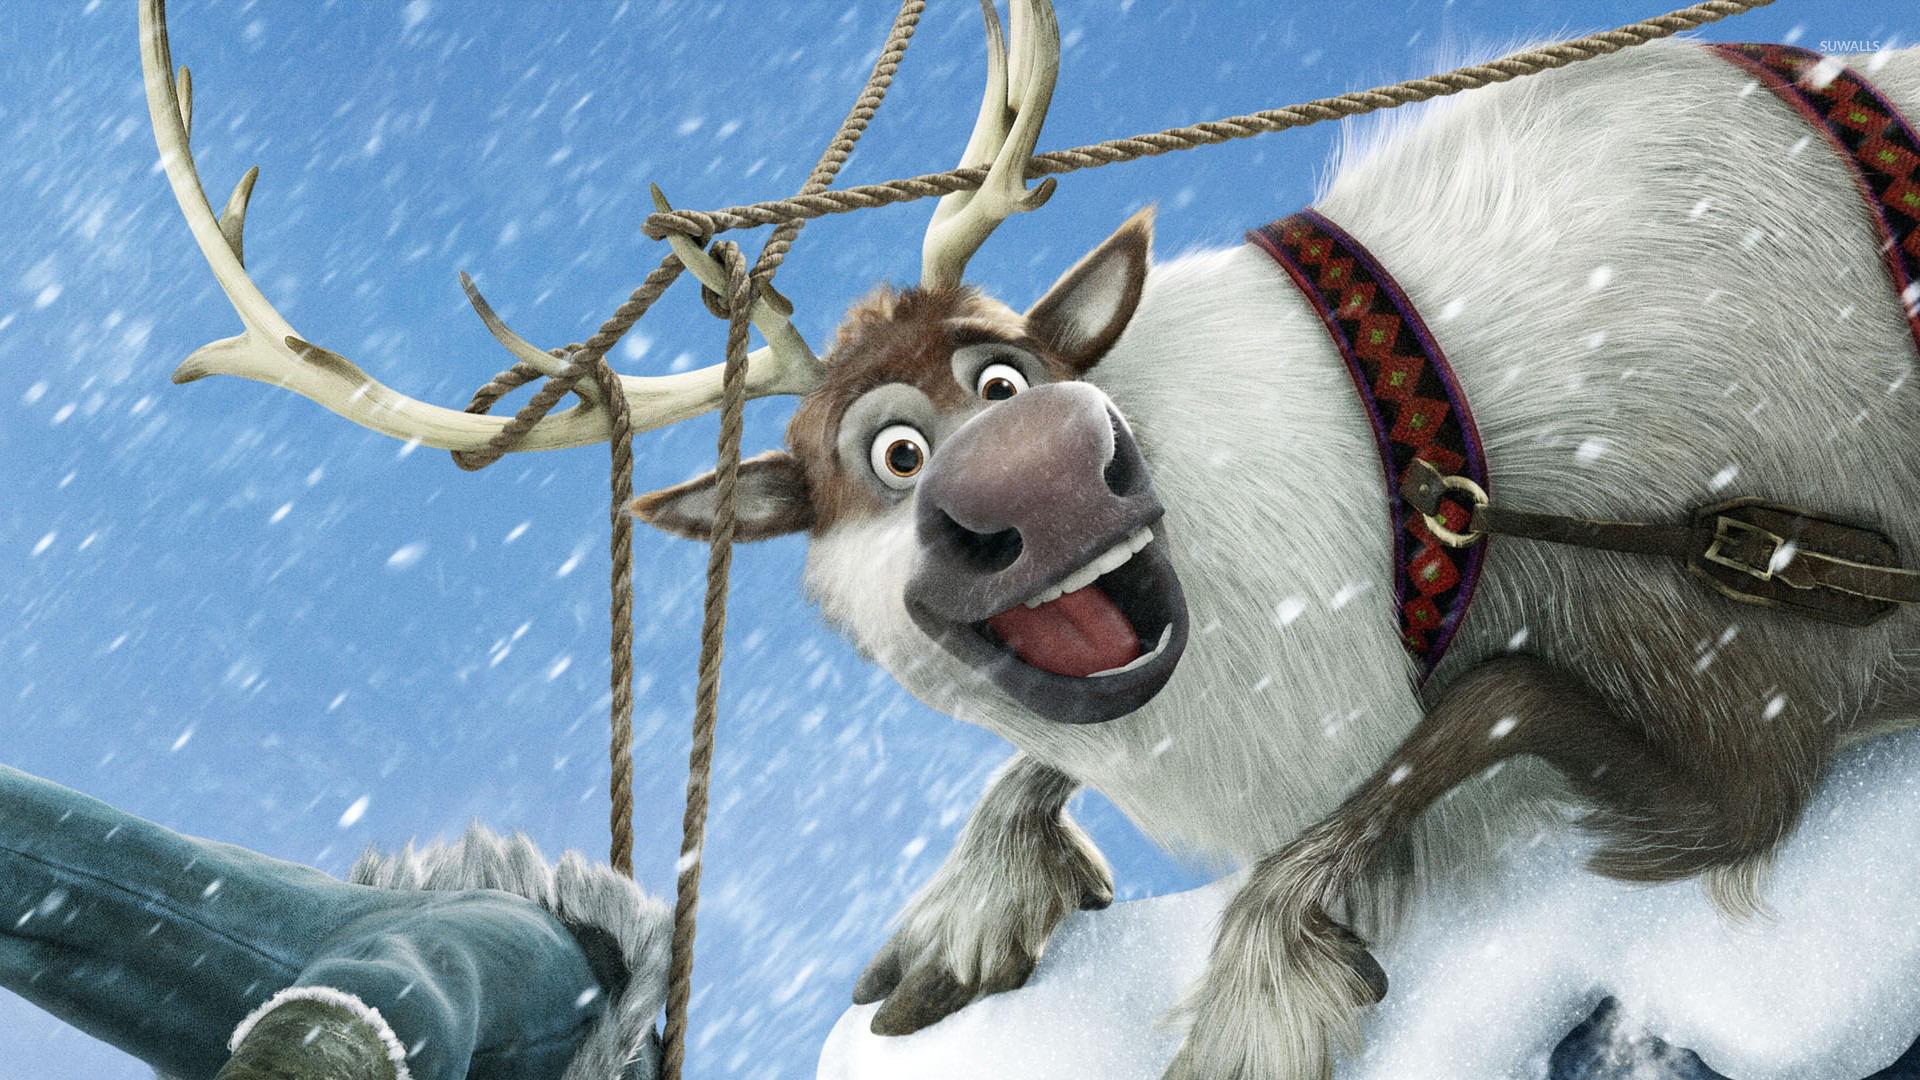 Sven - Frozen wallpaper - Cartoon wallpapers - #26024